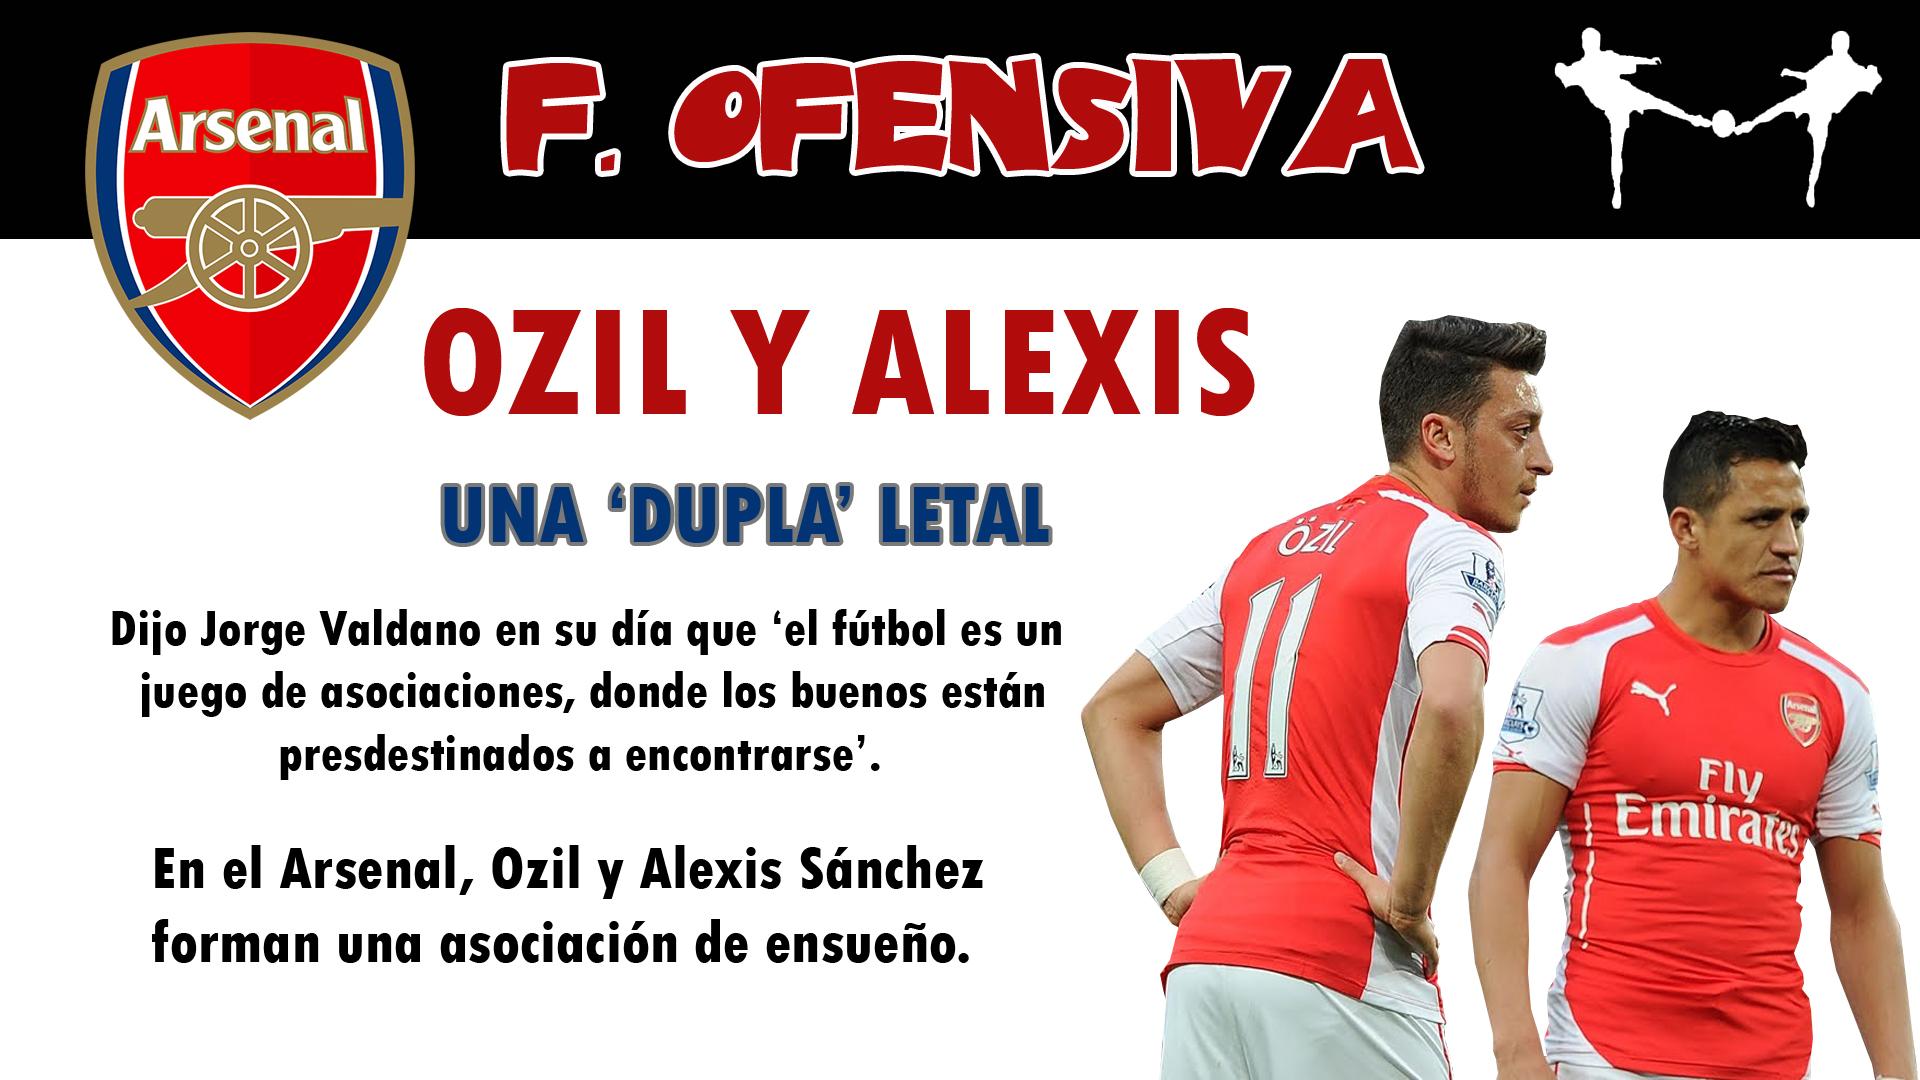 futbolcarrasco analisis tactico arsenal fc wenger ozil alexis